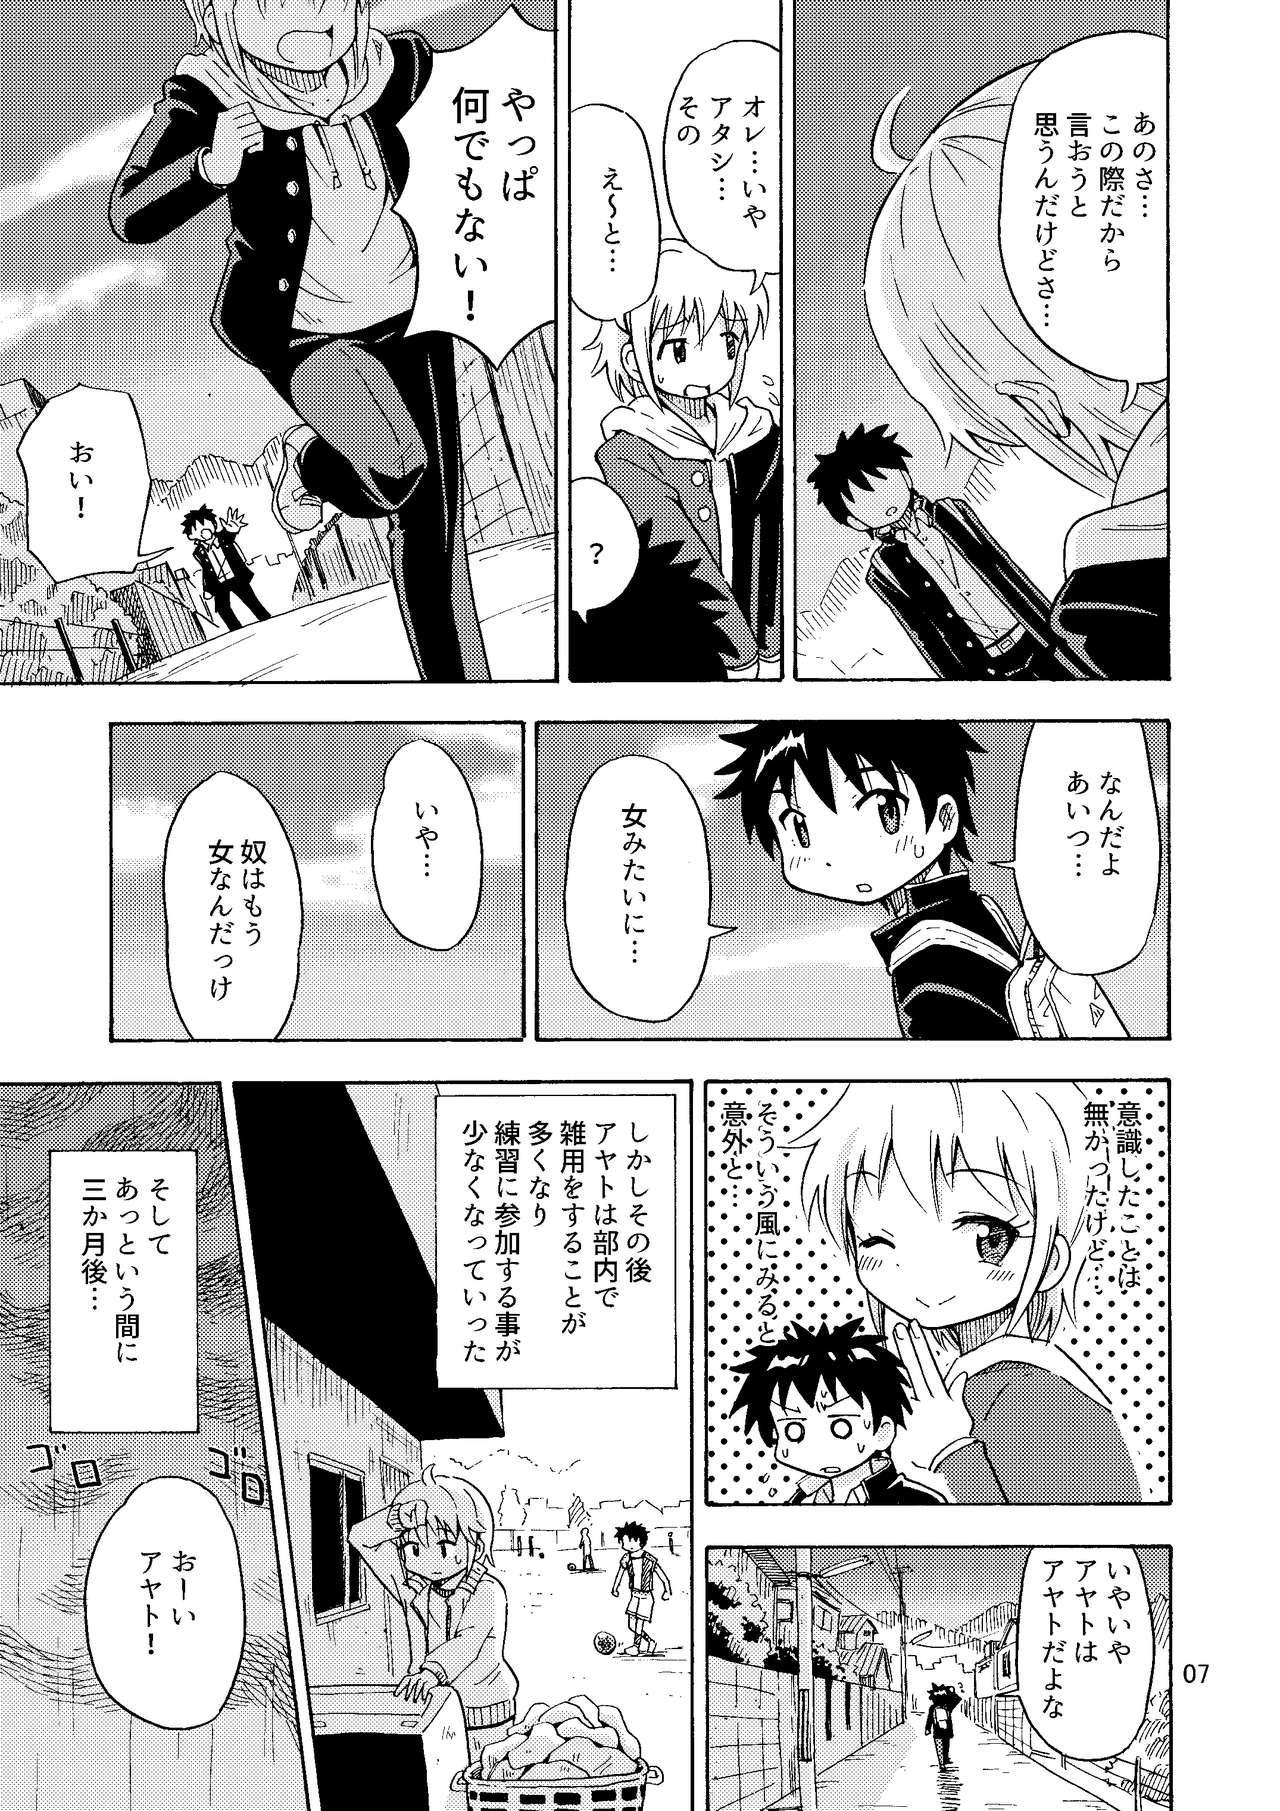 Shinyuu ga Onnanoko ni Narimashita 7